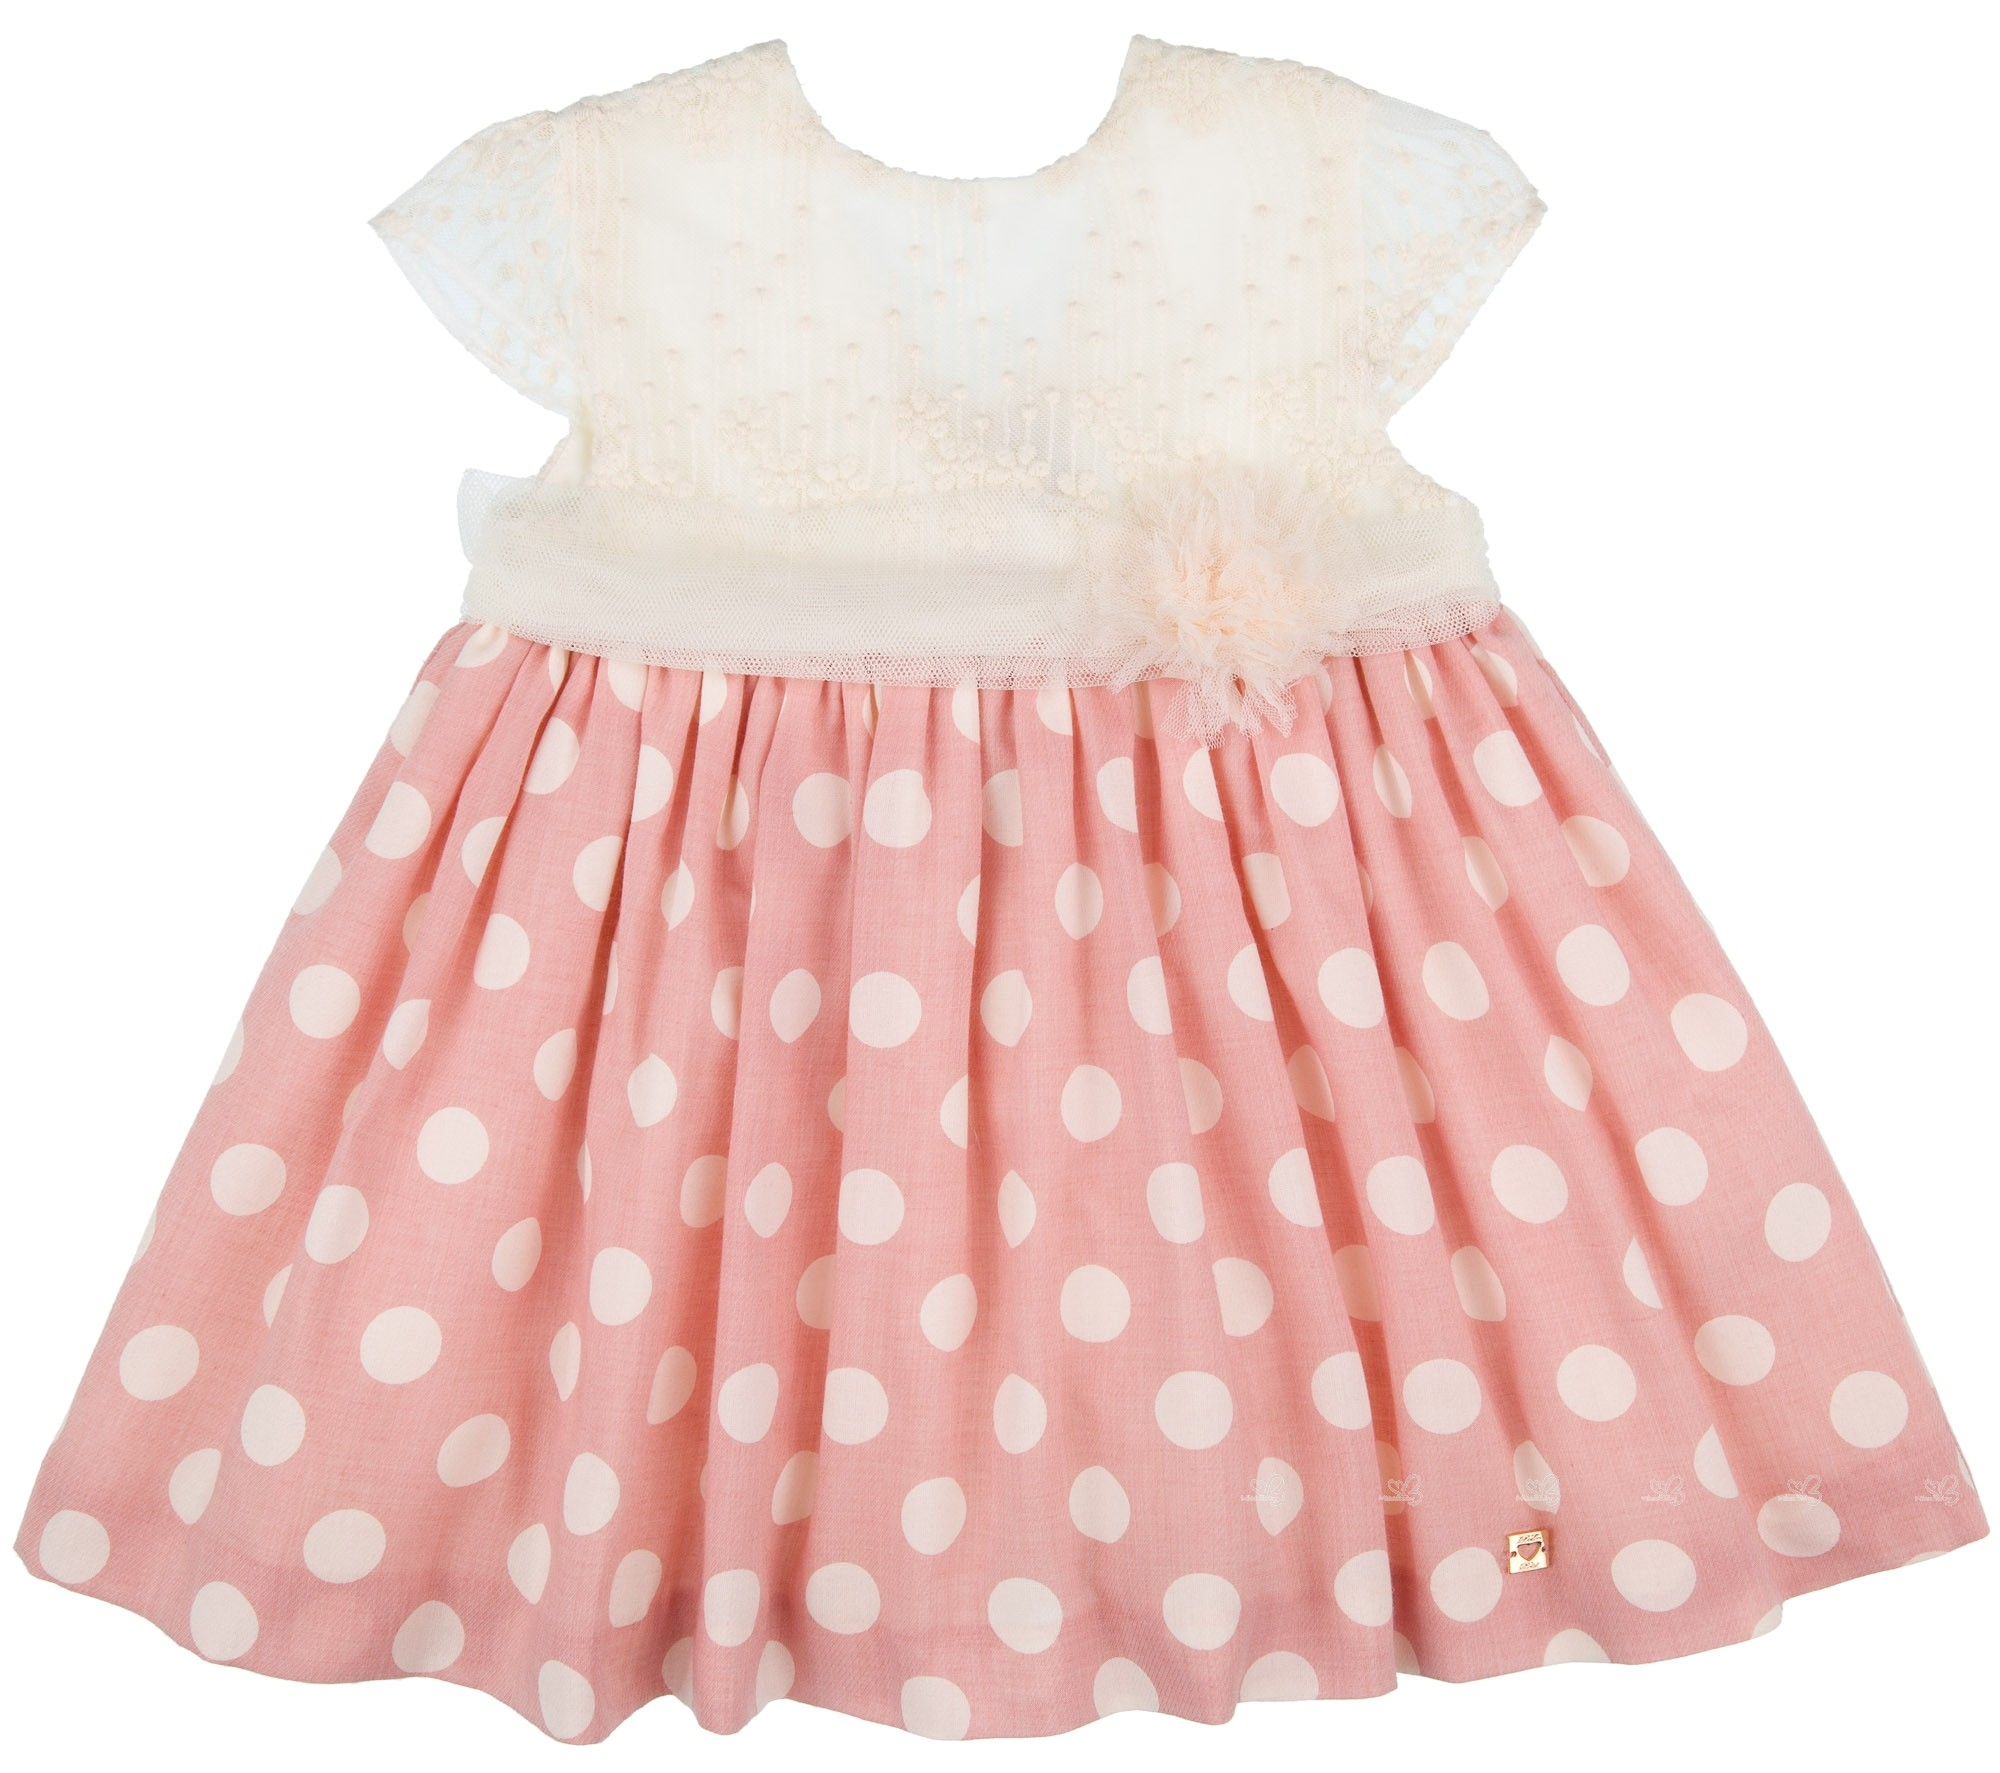 Vestido Niña Cuerpo Encaje Crudo Falda Lunares Rosa Empolvado